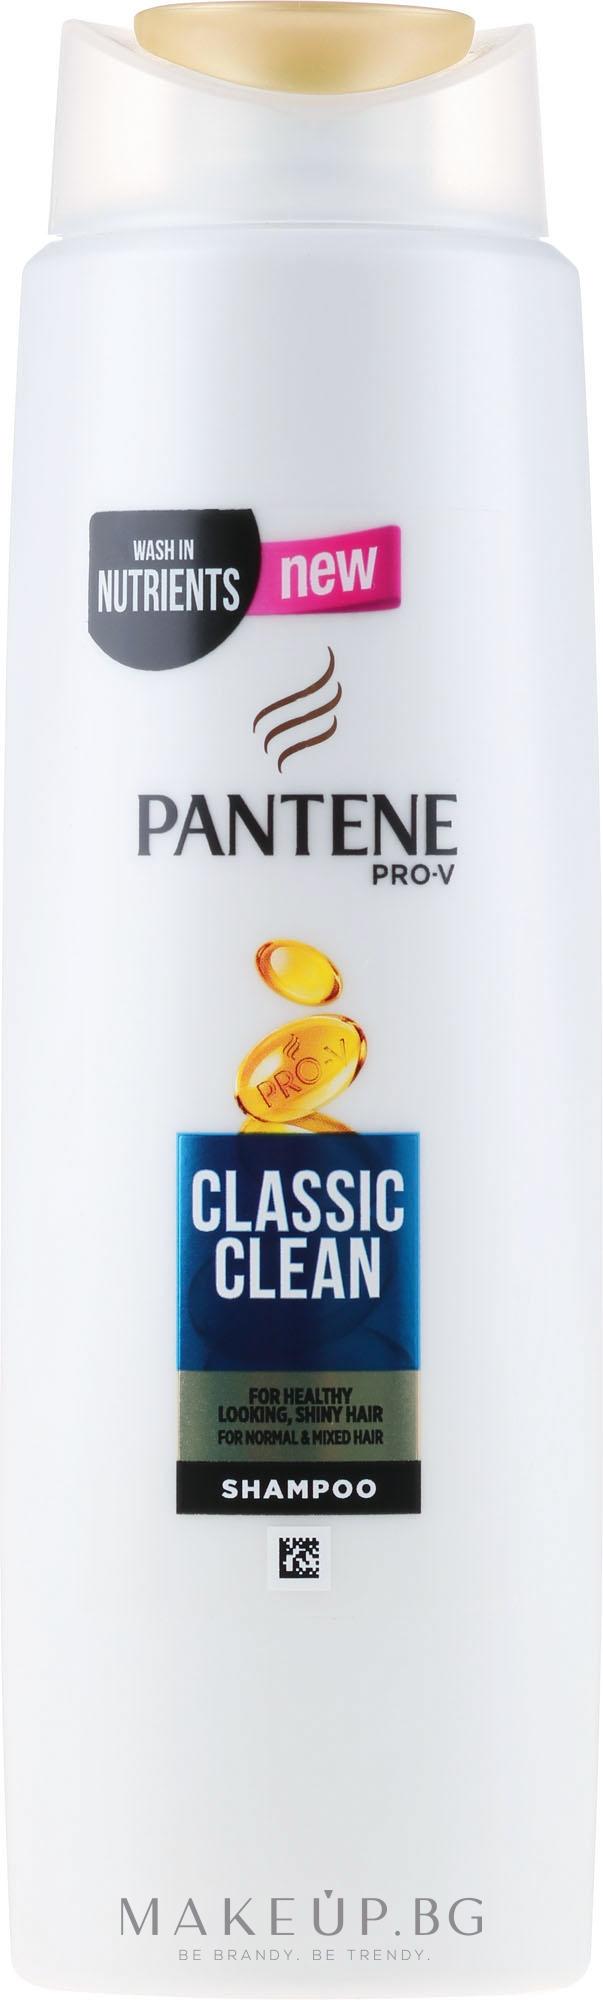 """Шампоан за коса """"Класическа чистота"""" - Pantene Pro-V Classic Clean Shampoo — снимка 270 ml"""